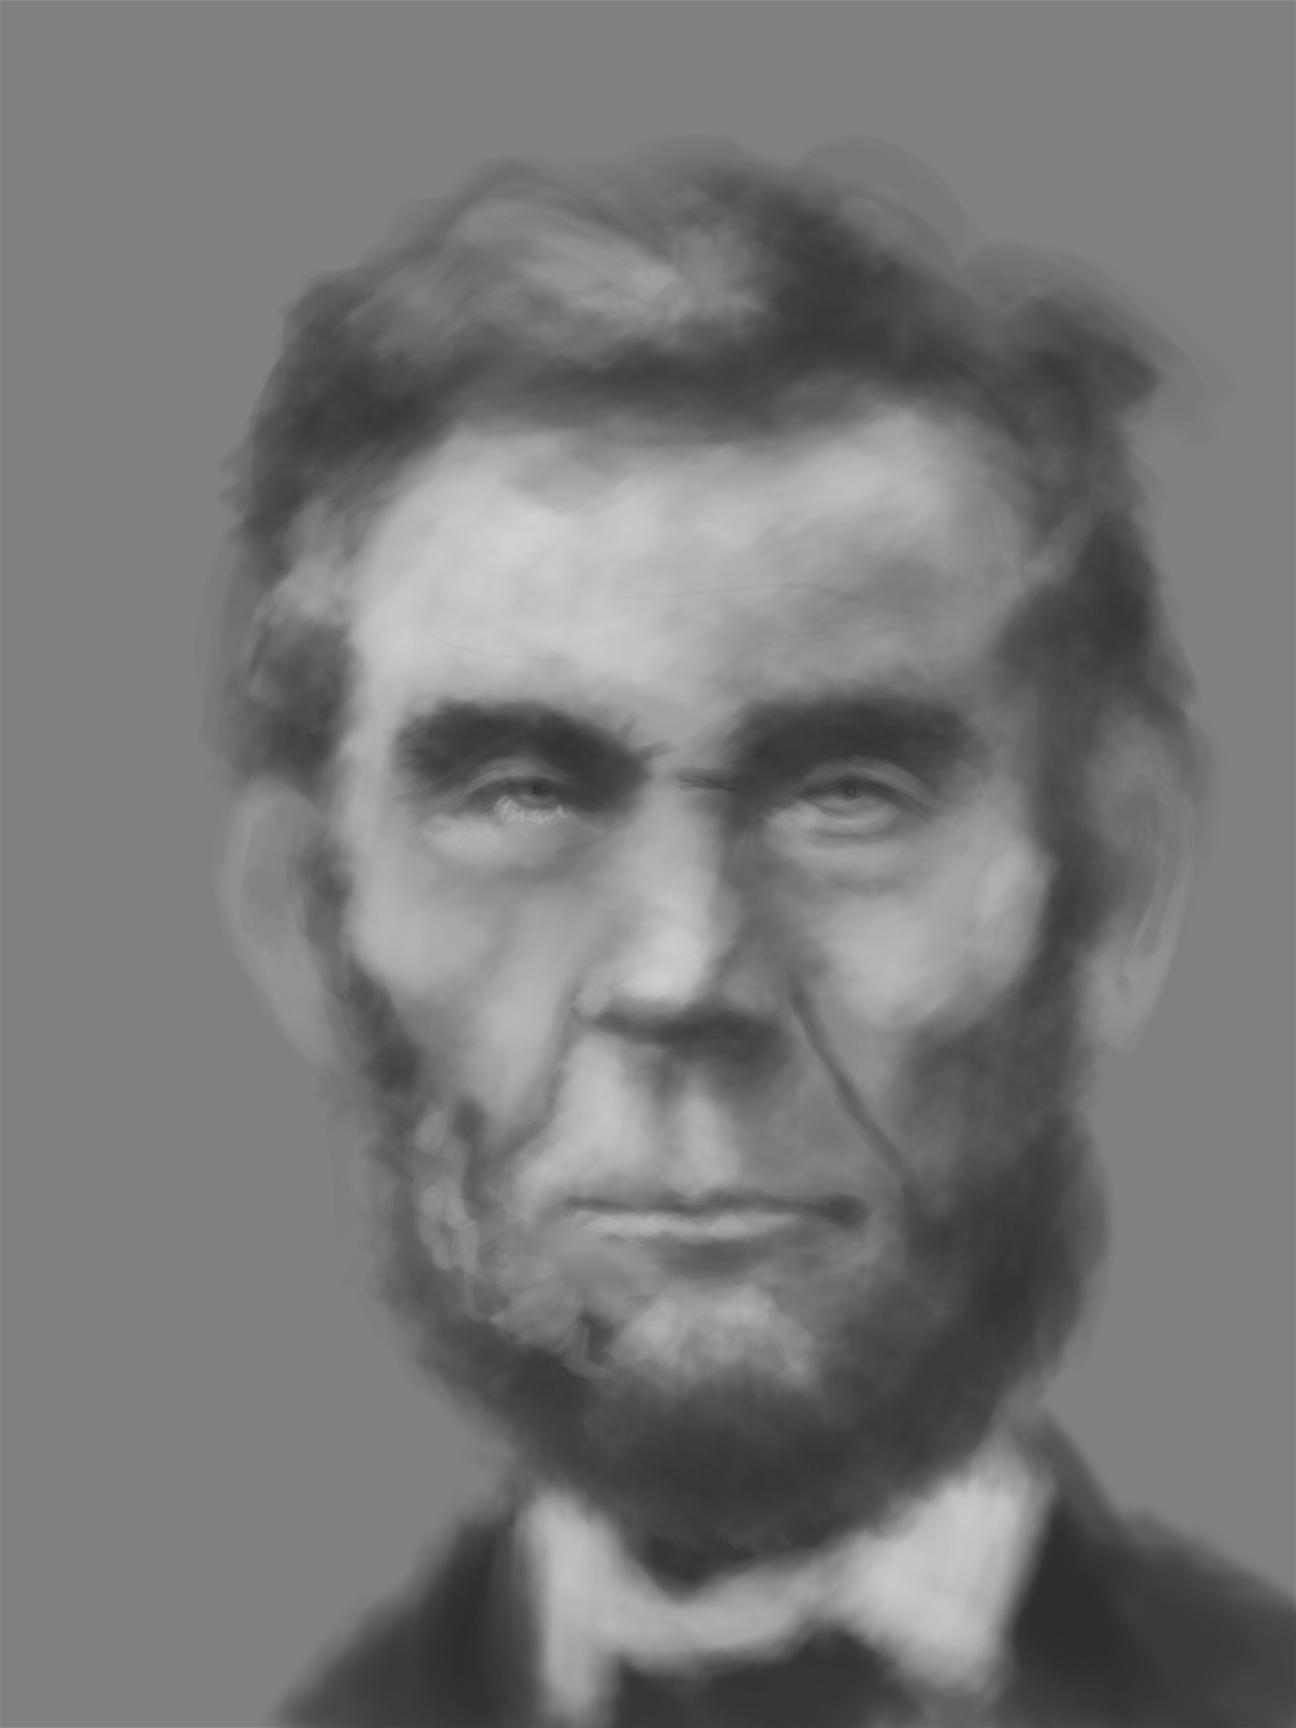 Quick Lincoln